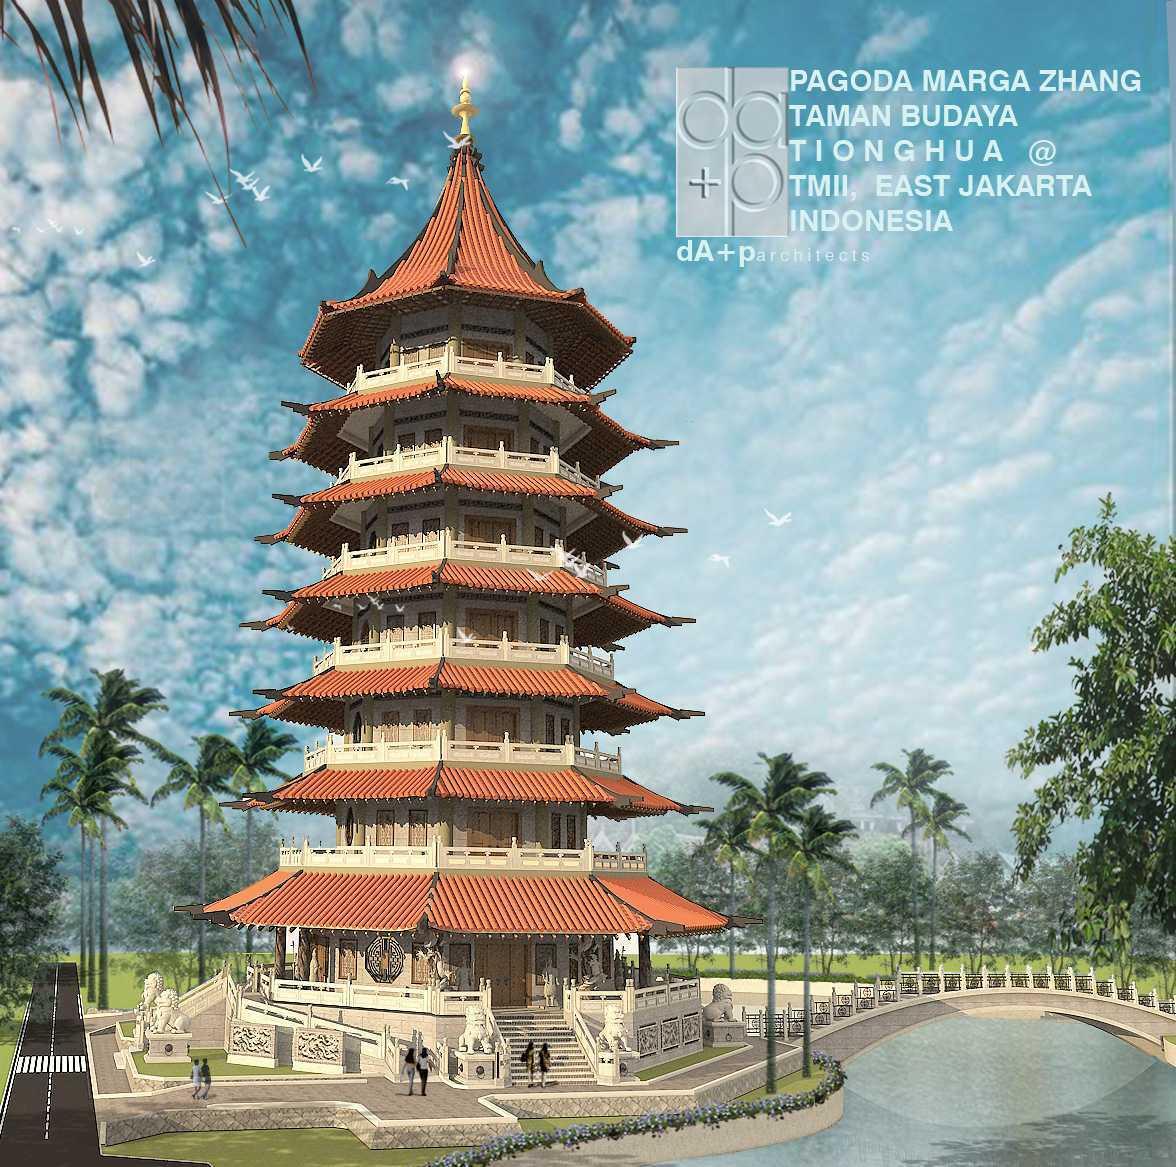 Rully Tanuwidjaja Pagoda- Zhang Family Clan Kota Jakarta Timur, Daerah Khusus Ibukota Jakarta, Indonesia Kota Jakarta Timur, Daerah Khusus Ibukota Jakarta, Indonesia Rully-Tanuwidjaja-Pagoda-Zhang-Family-Clan  62473